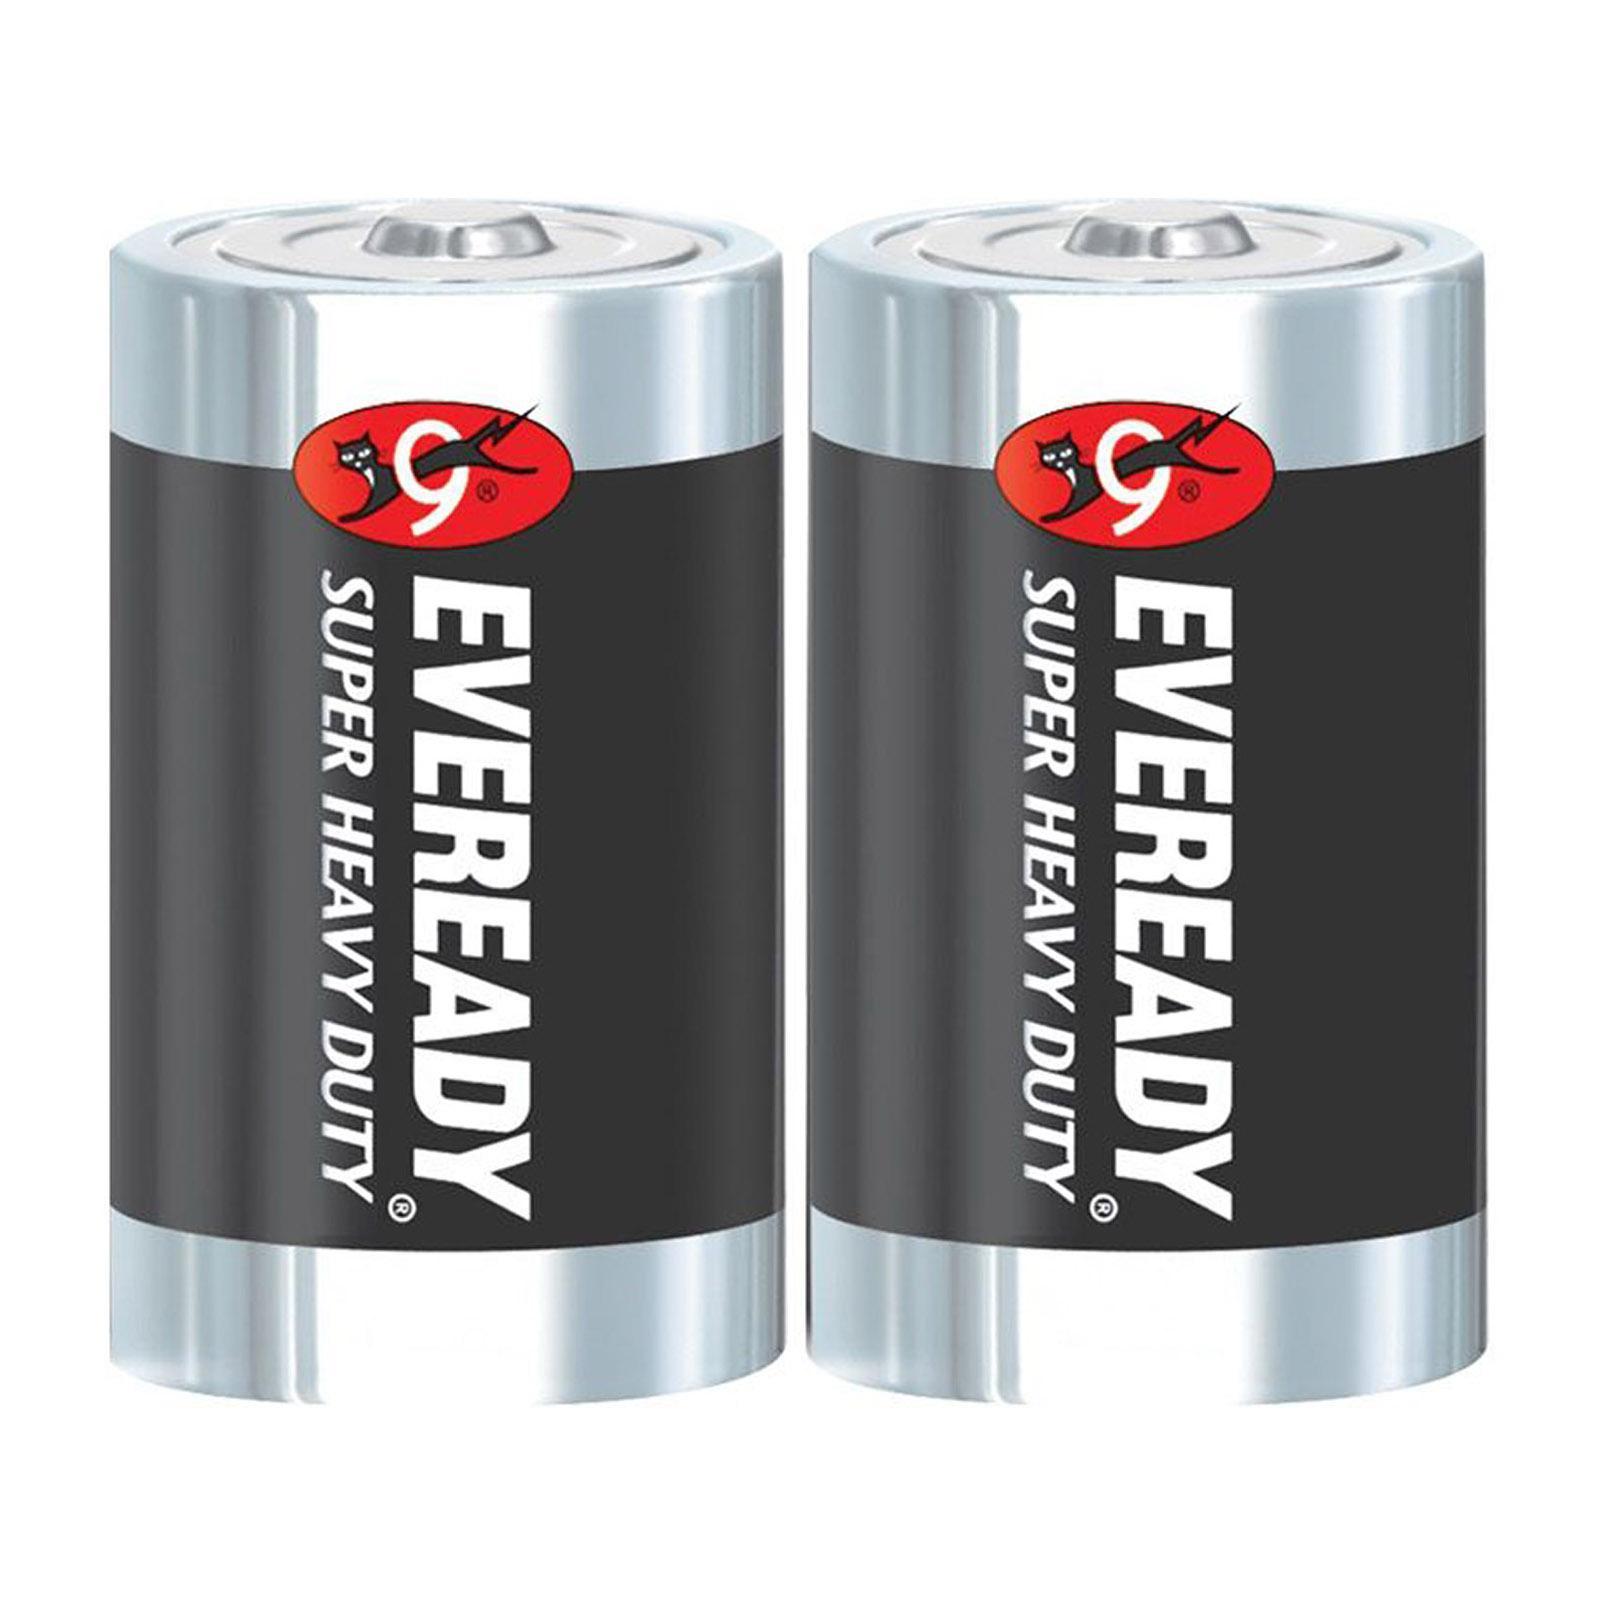 Eveready M1235 Sw2 Carbon Zinc Battery Super Heavy Duty Size:C (2Pcs/Pack)